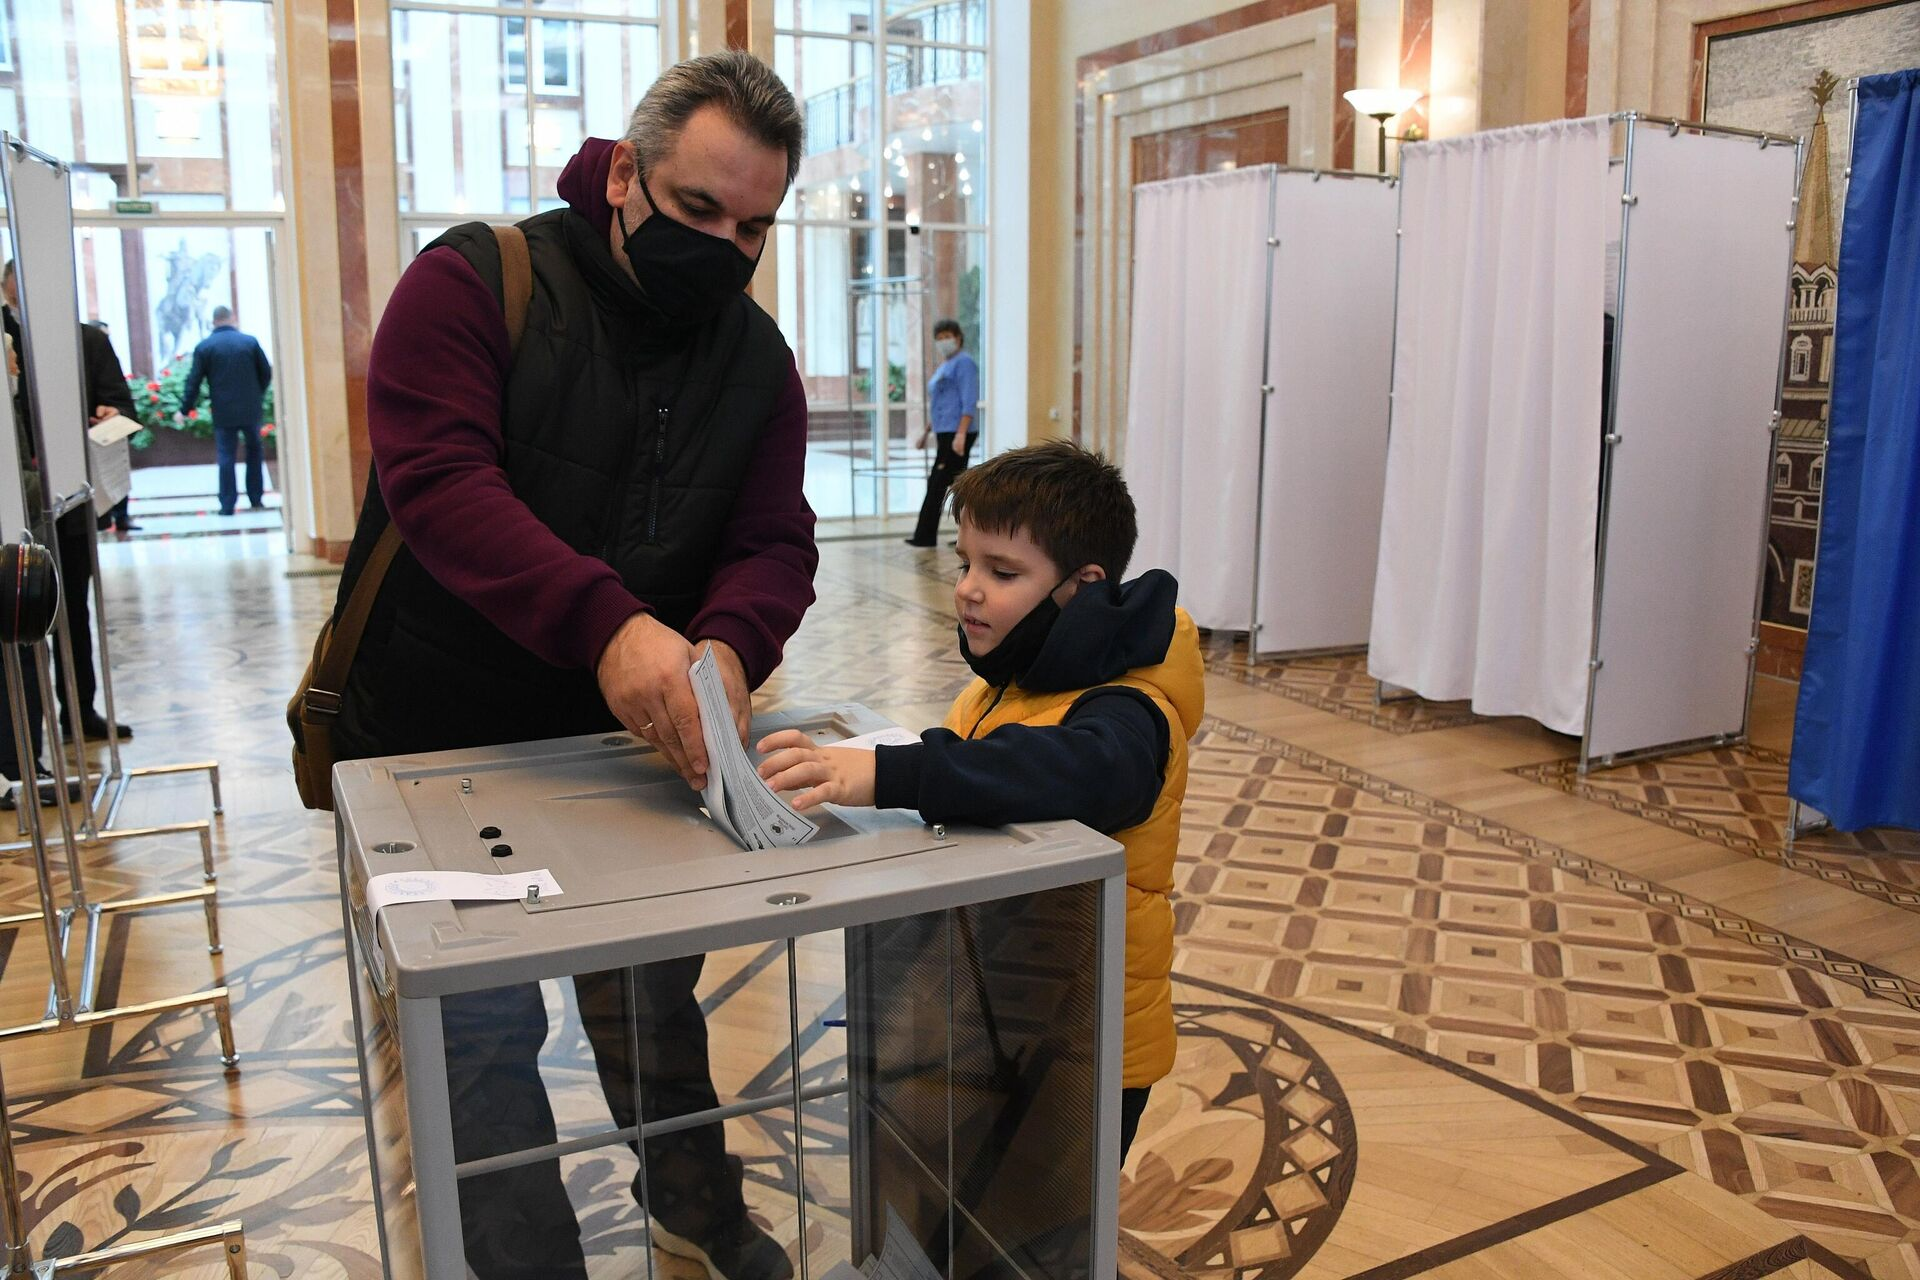 Россиянин Сергей пришел с сыном Сашей, который родился уже в Беларуси - Sputnik Беларусь, 1920, 19.09.2021